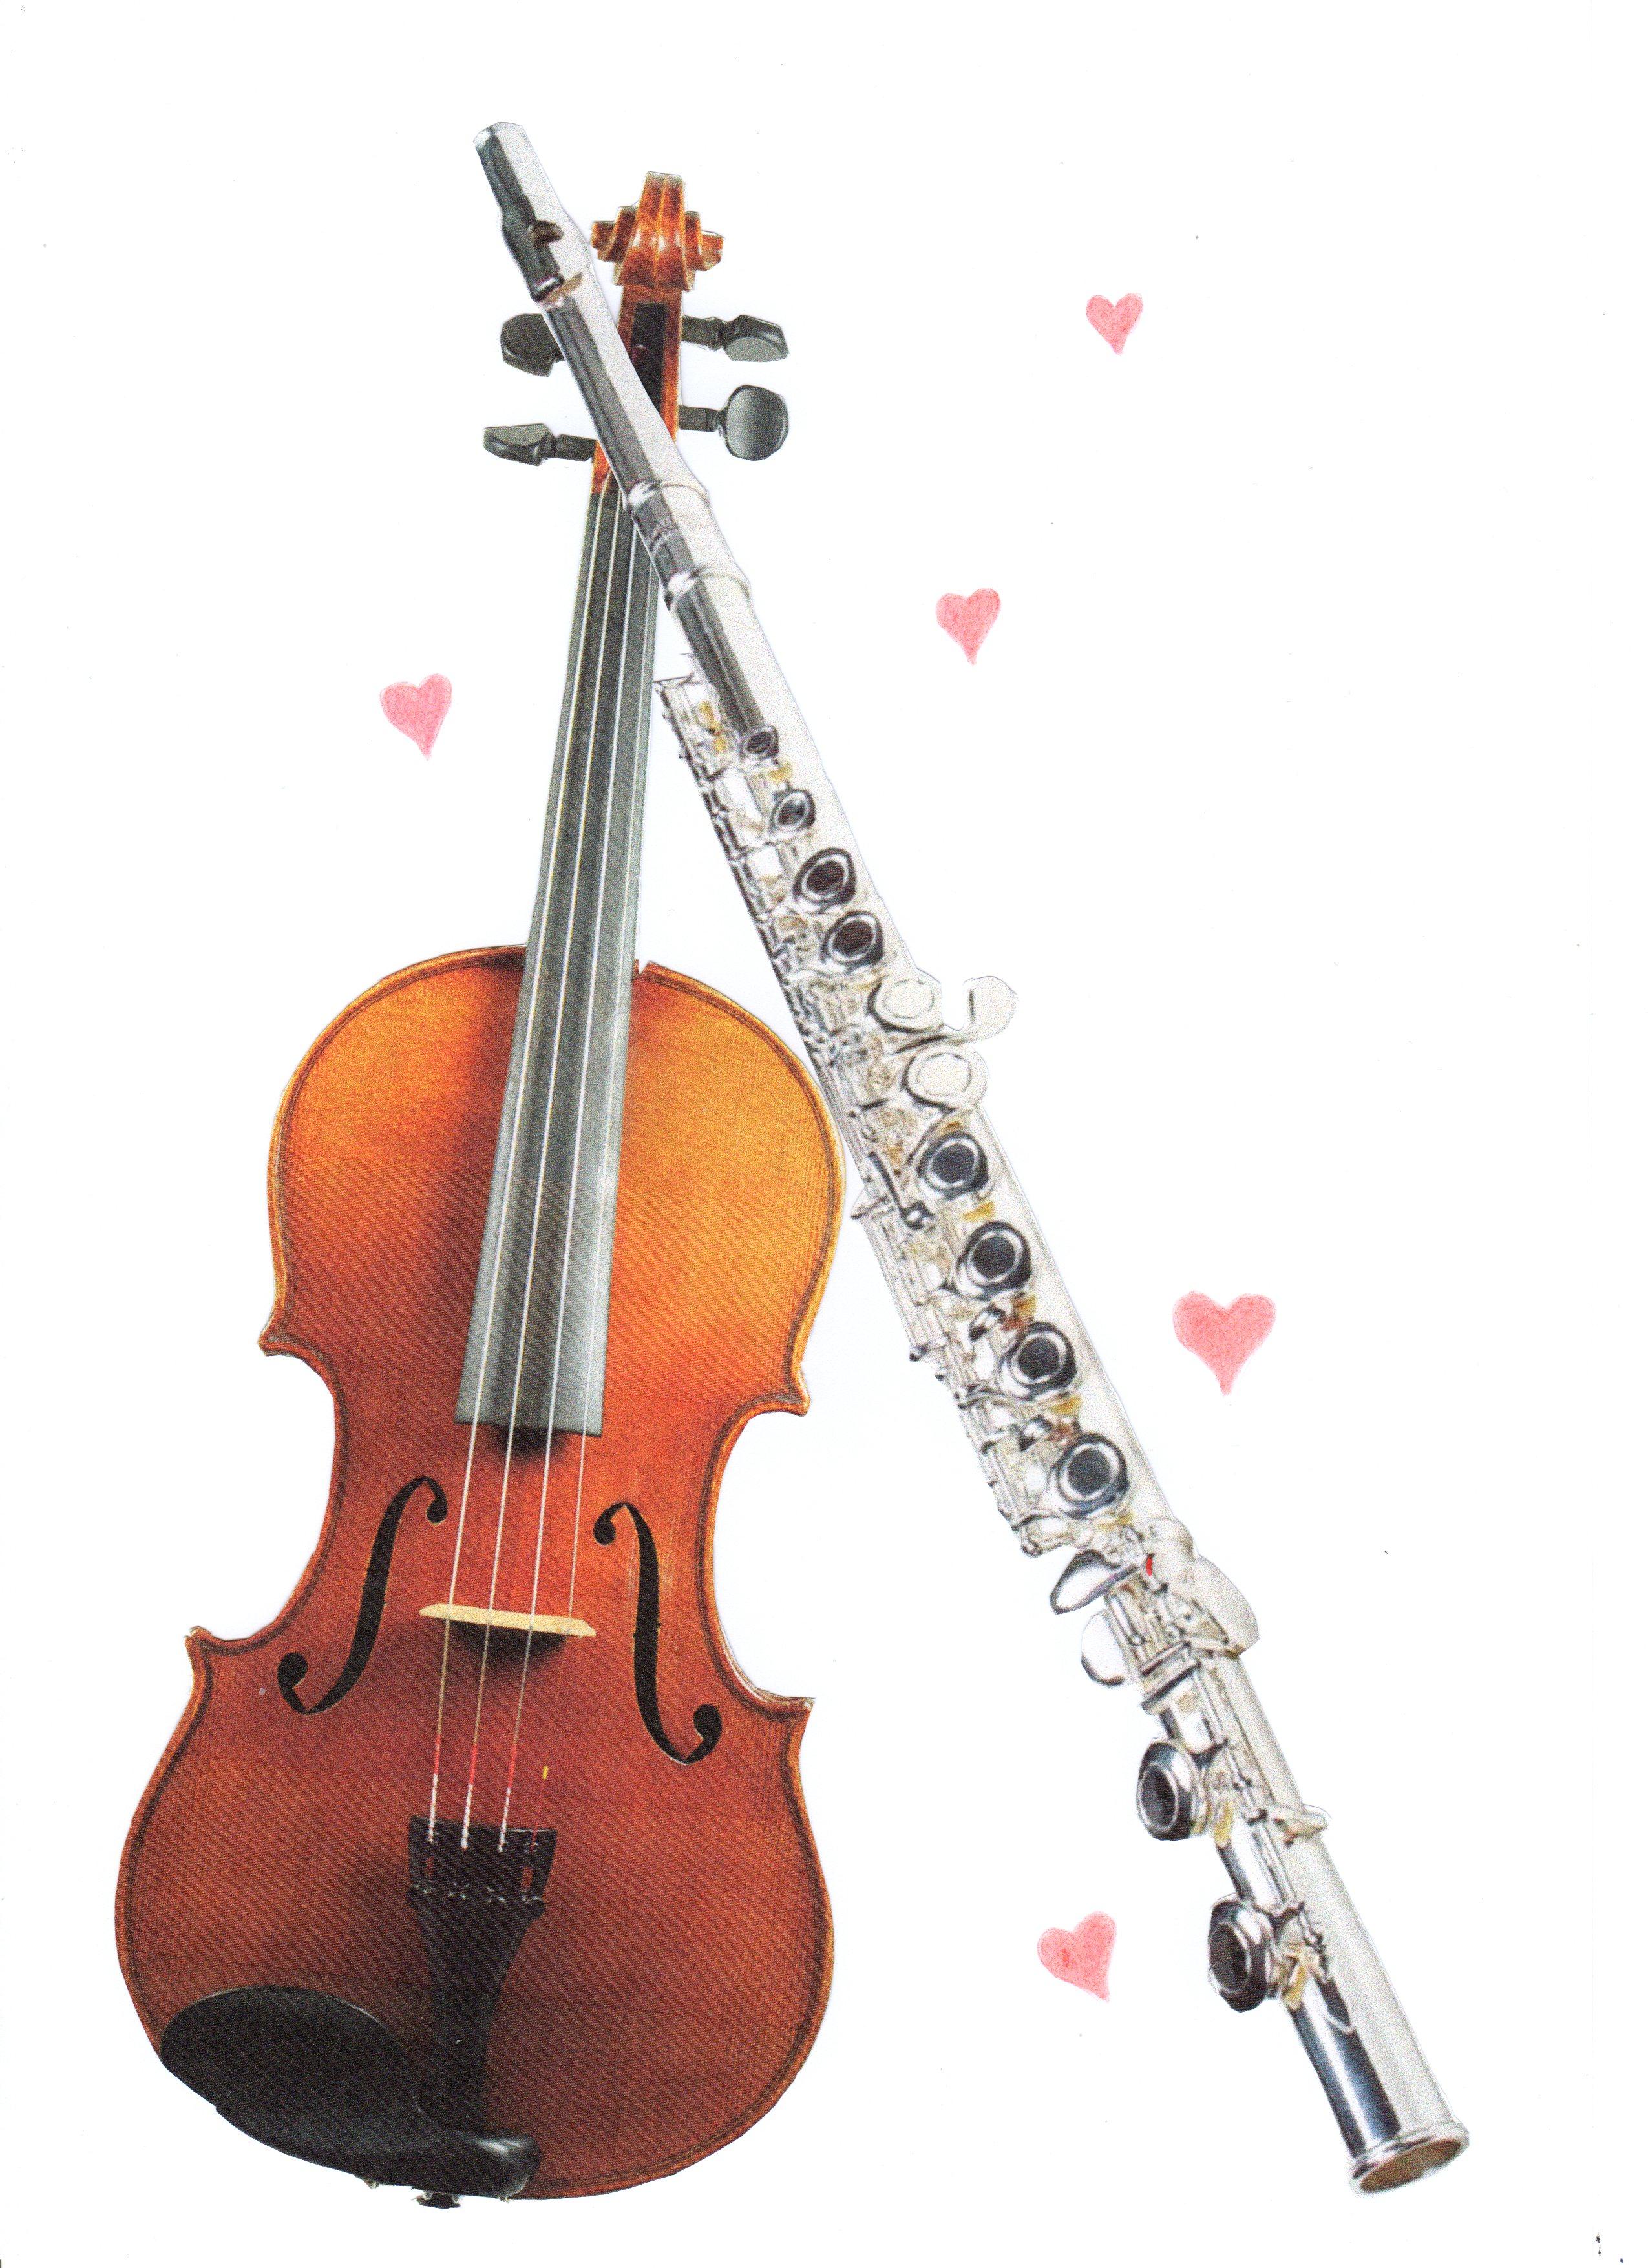 Geige u Flöte m Herzen